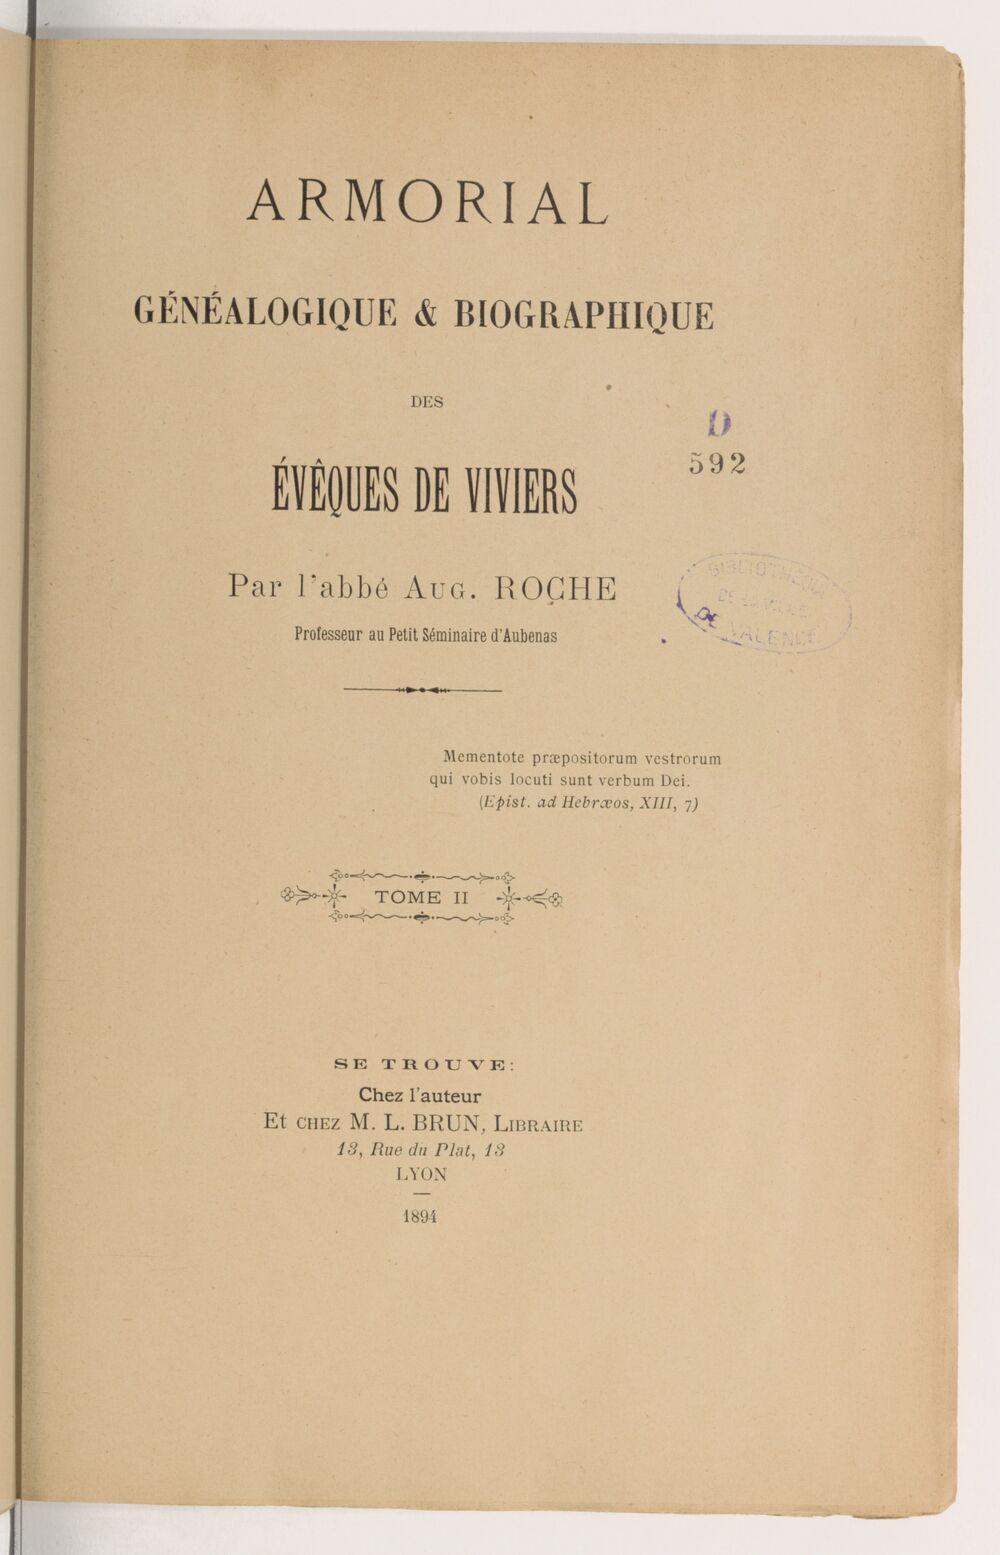 Armorial généalogique et biographique des évêques de Viviers. Tome 2 / par l'abbé Aug. Roche,...